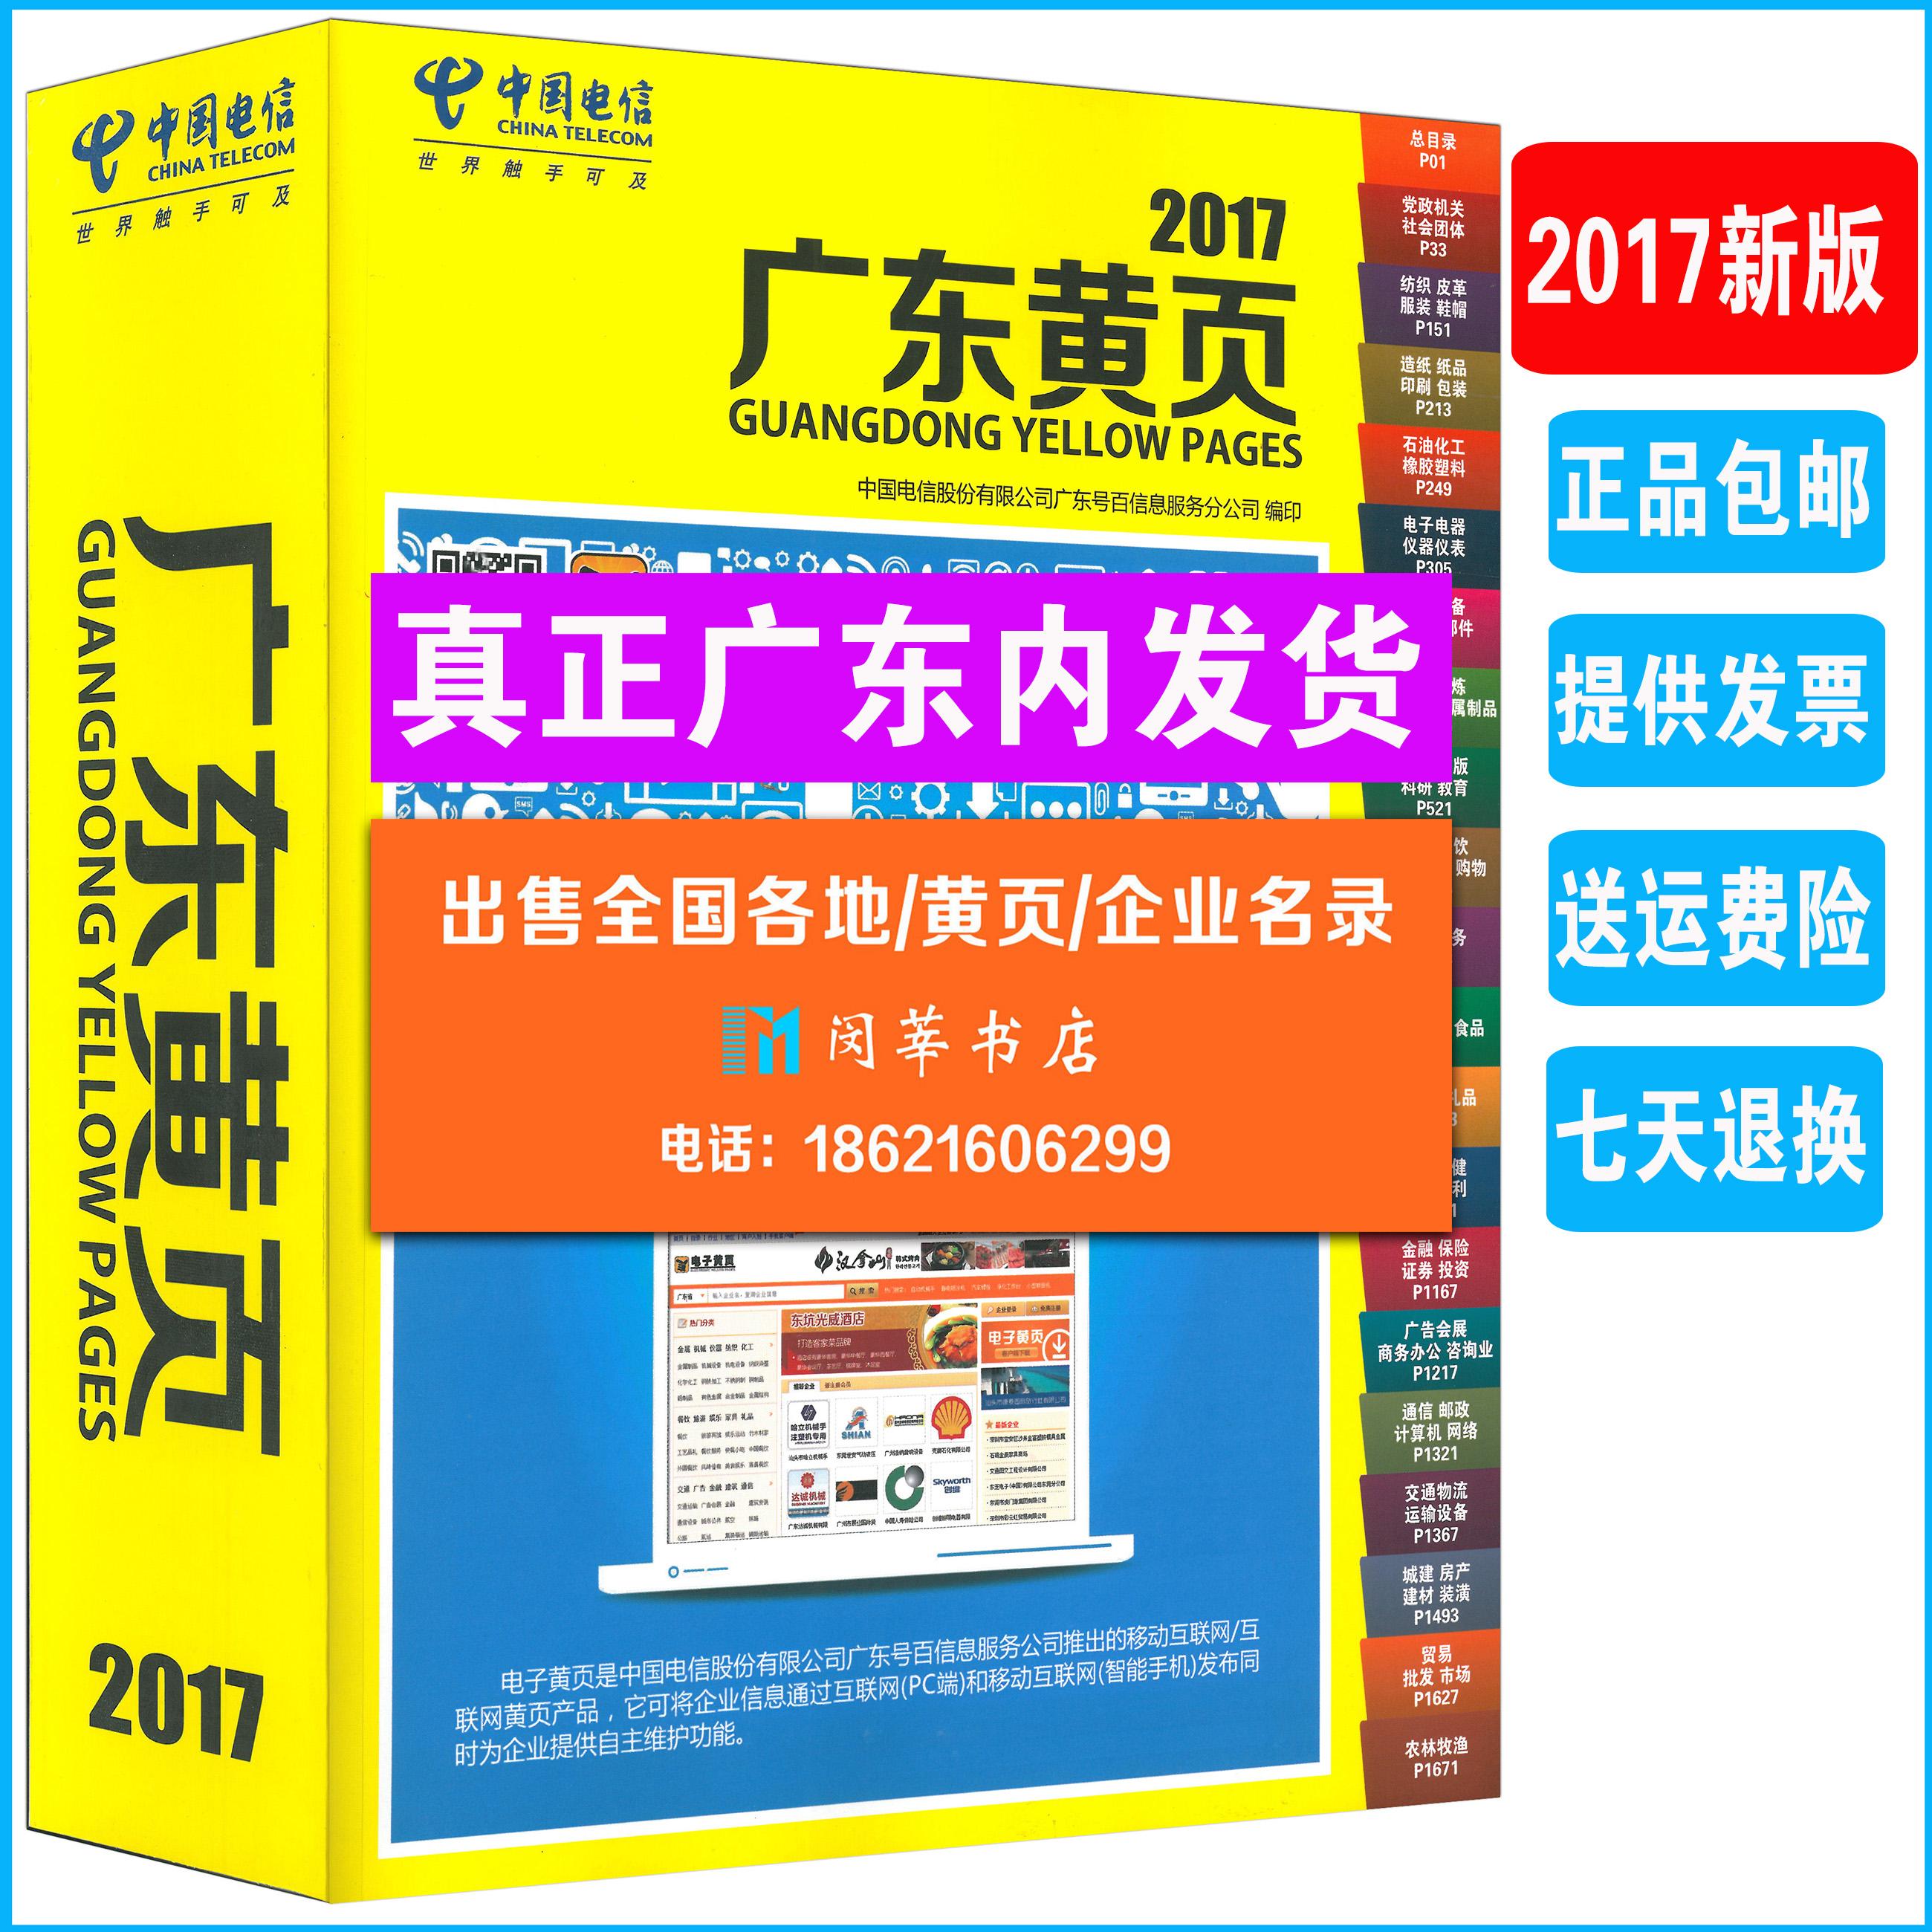 2018 акции 2017 гуандун желтый страница 2017 в провинции гуандун бизнес телефон ревень страница имя запись